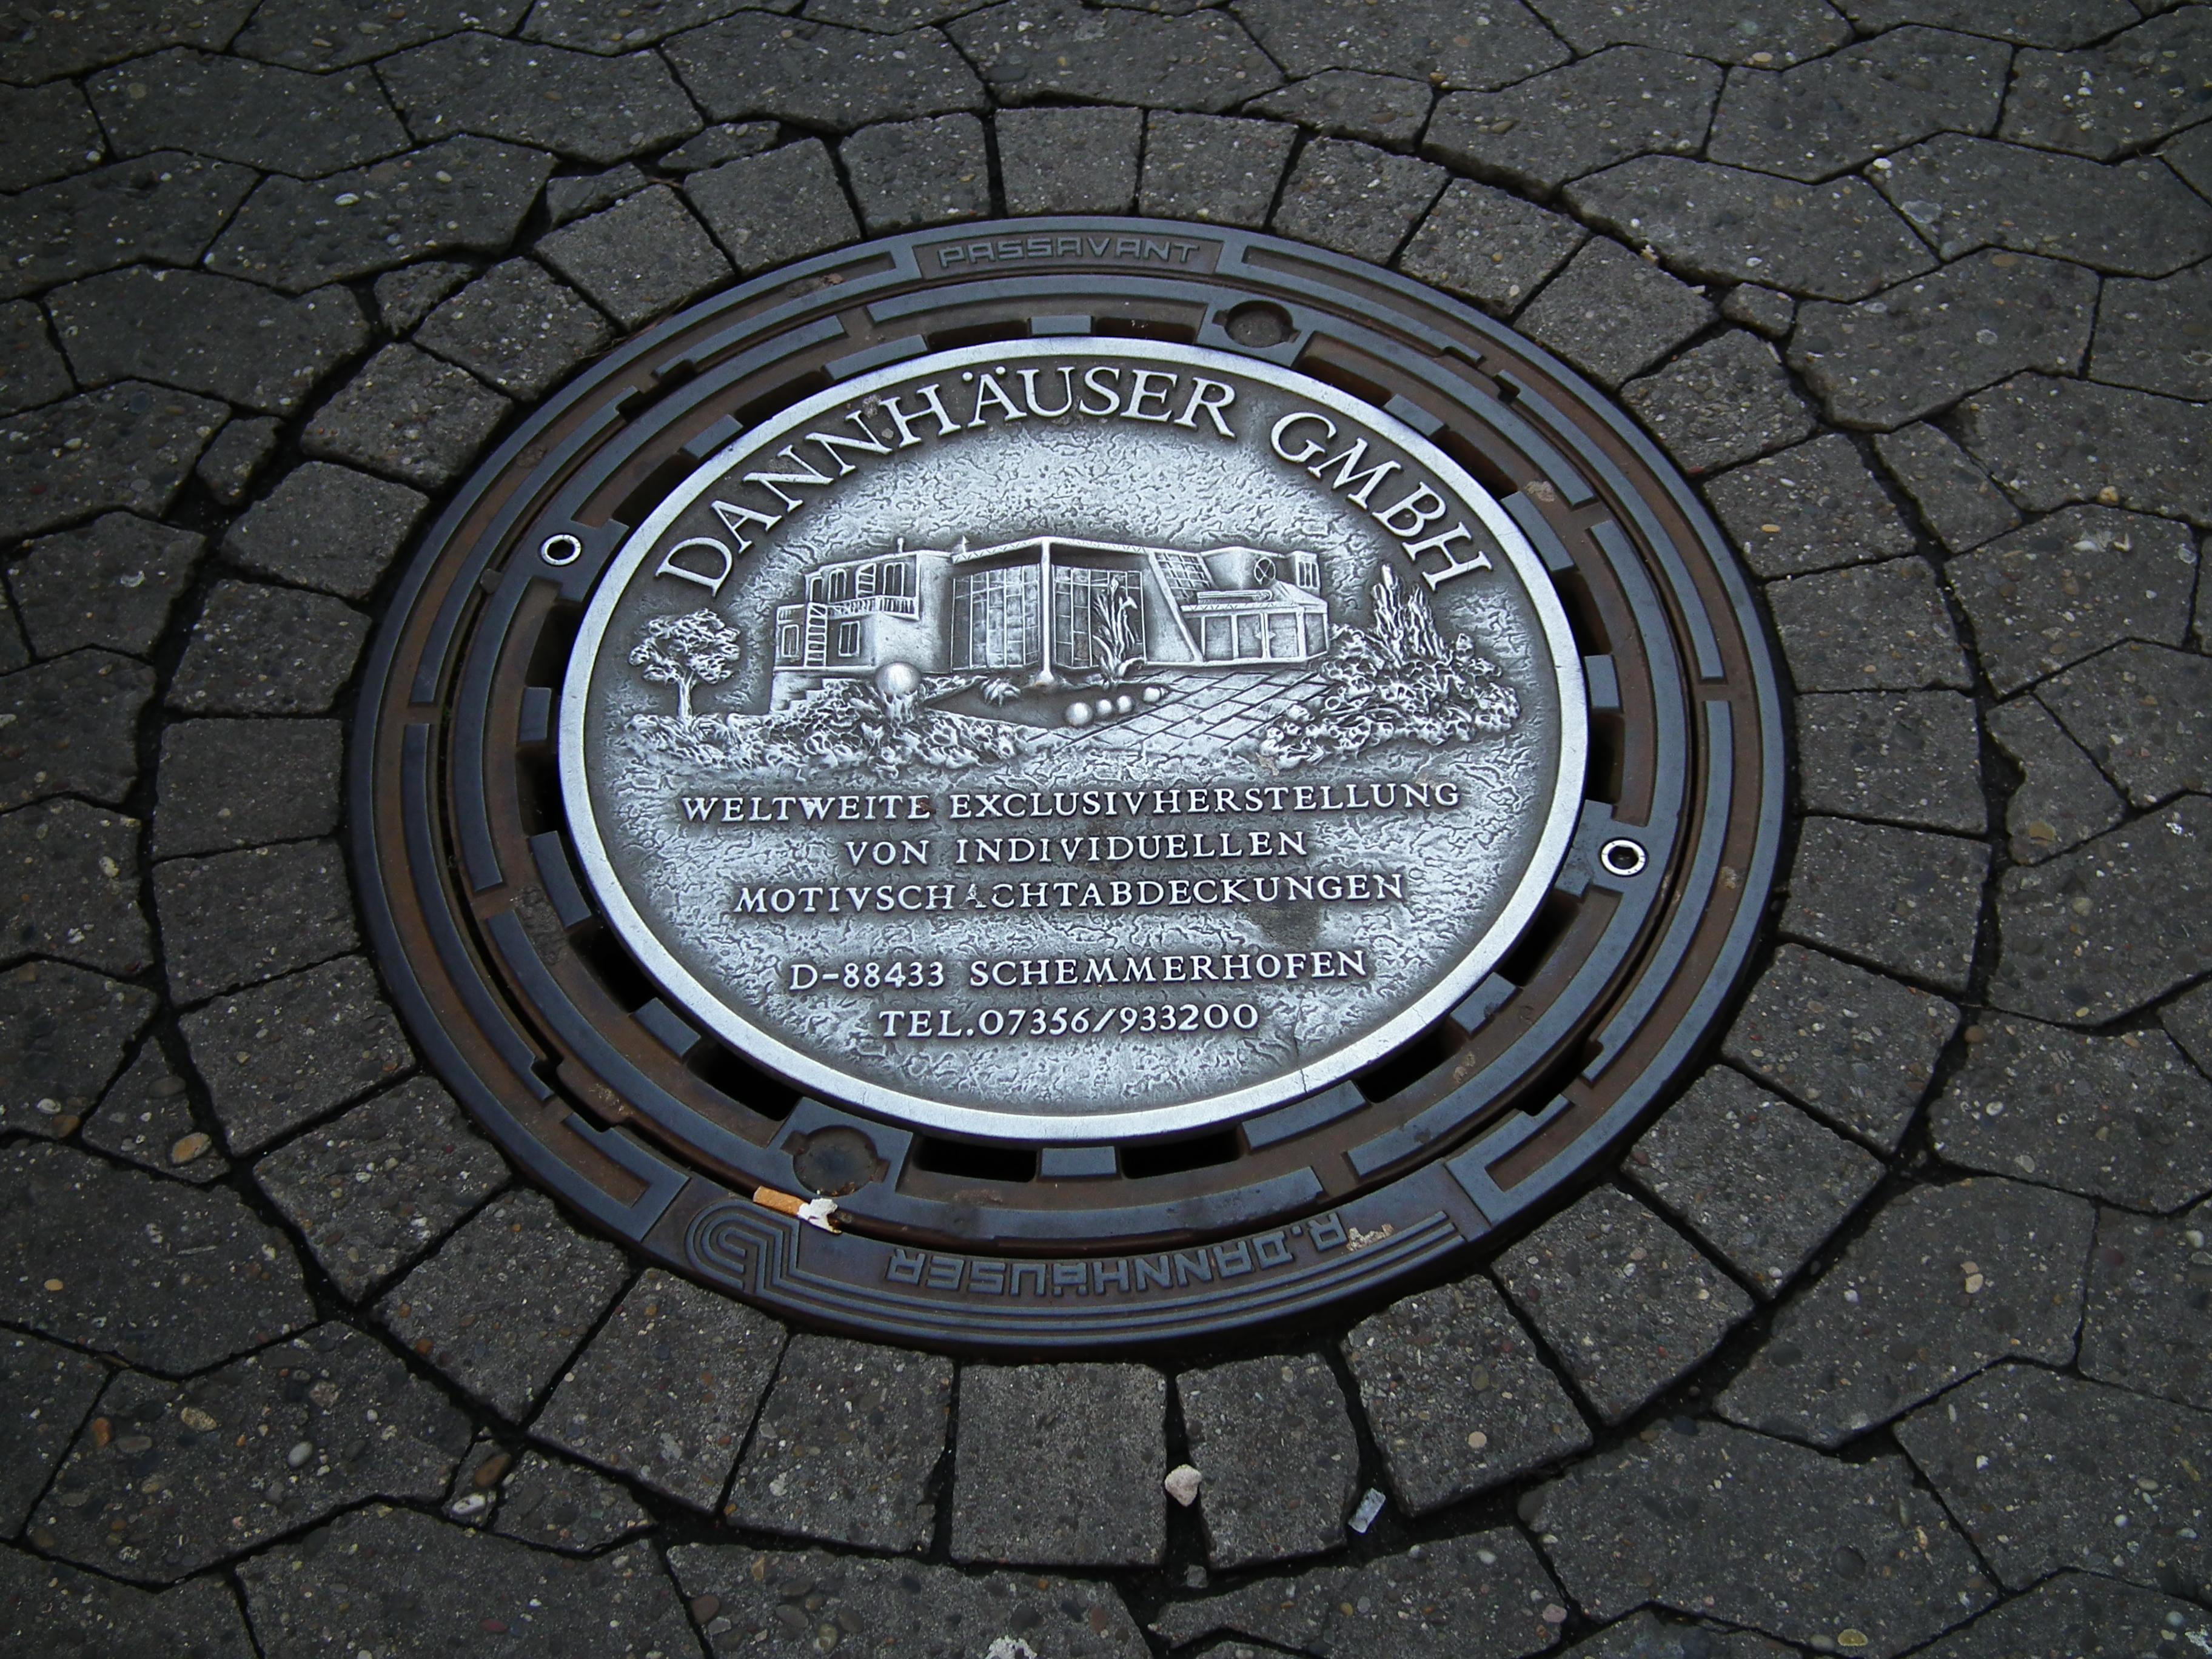 Dannhäuser GmbH Kanalabdeckung Bensheim